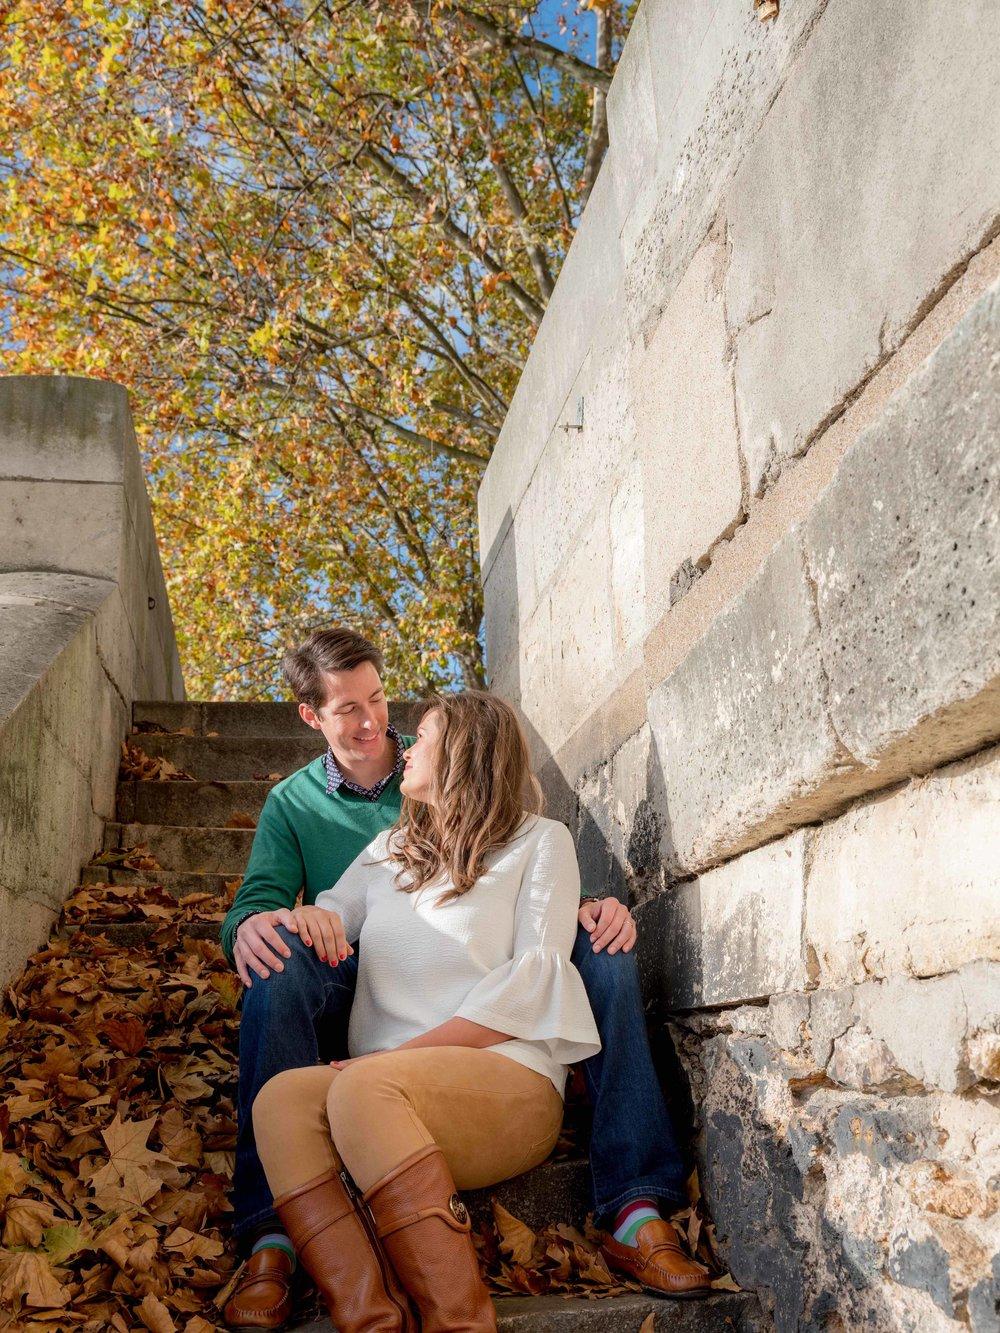 couple celebrating anniversary in autumn in paris